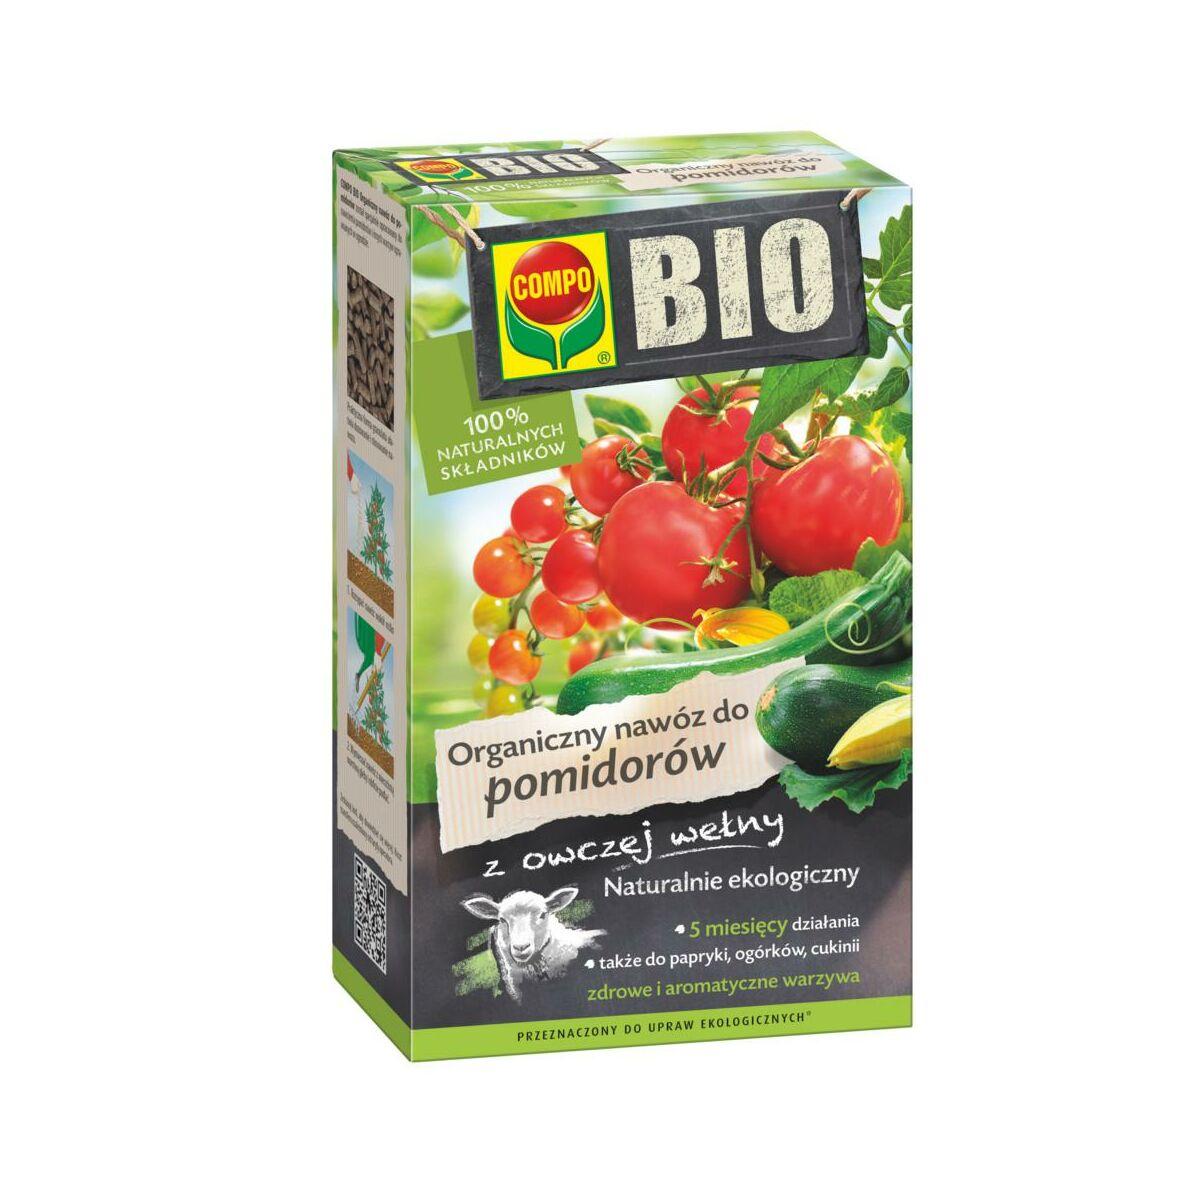 Nawóz do pomidorów 0,75 kg COMPO BIO